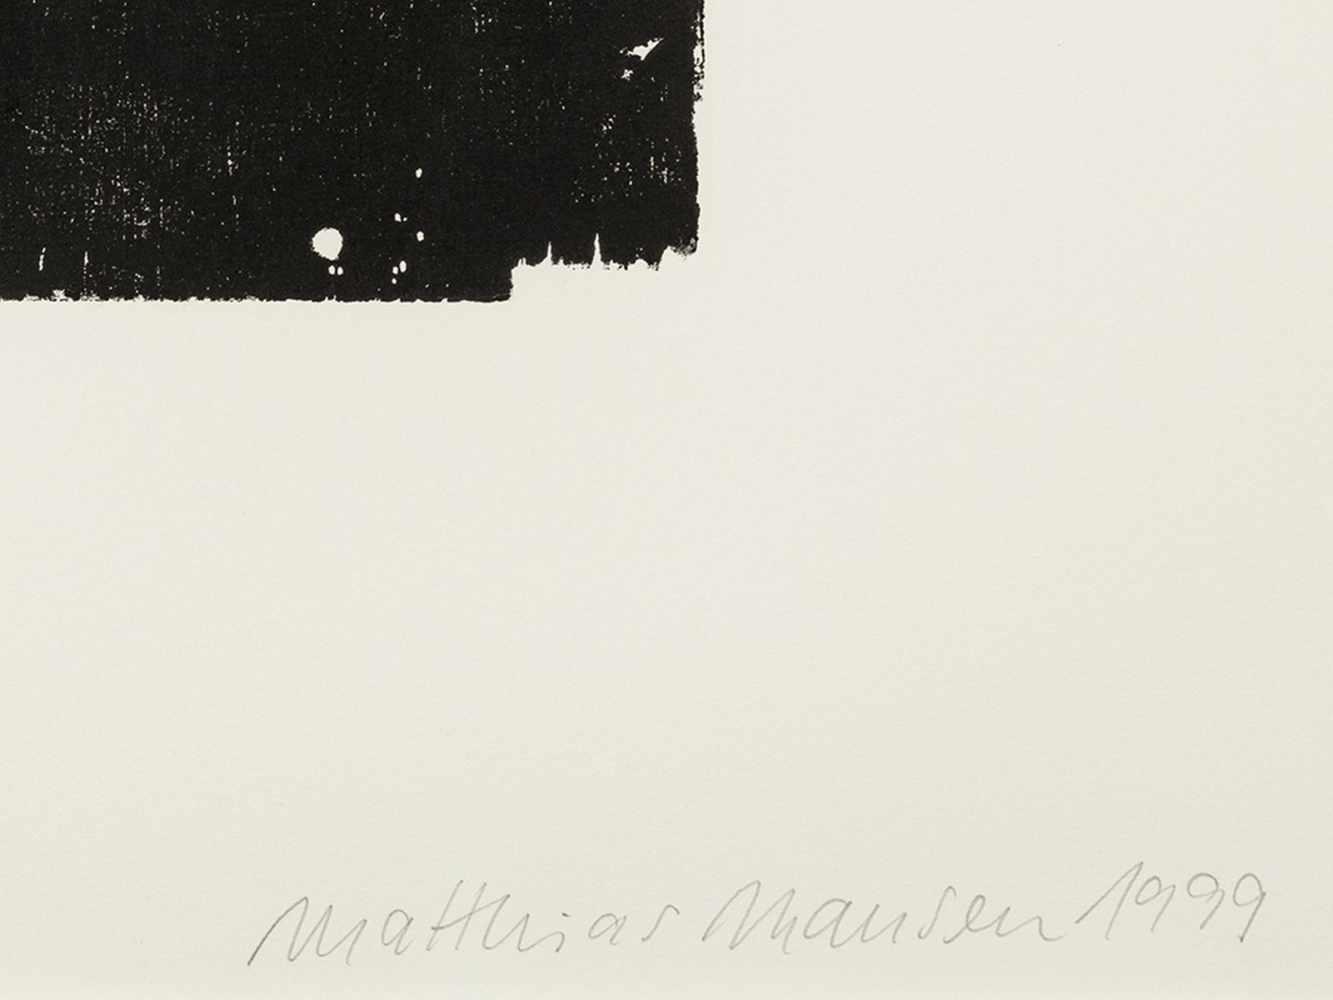 Matthias Mansen (b. 1958), Max von Laue, Woodcut, 1999 - Image 2 of 7